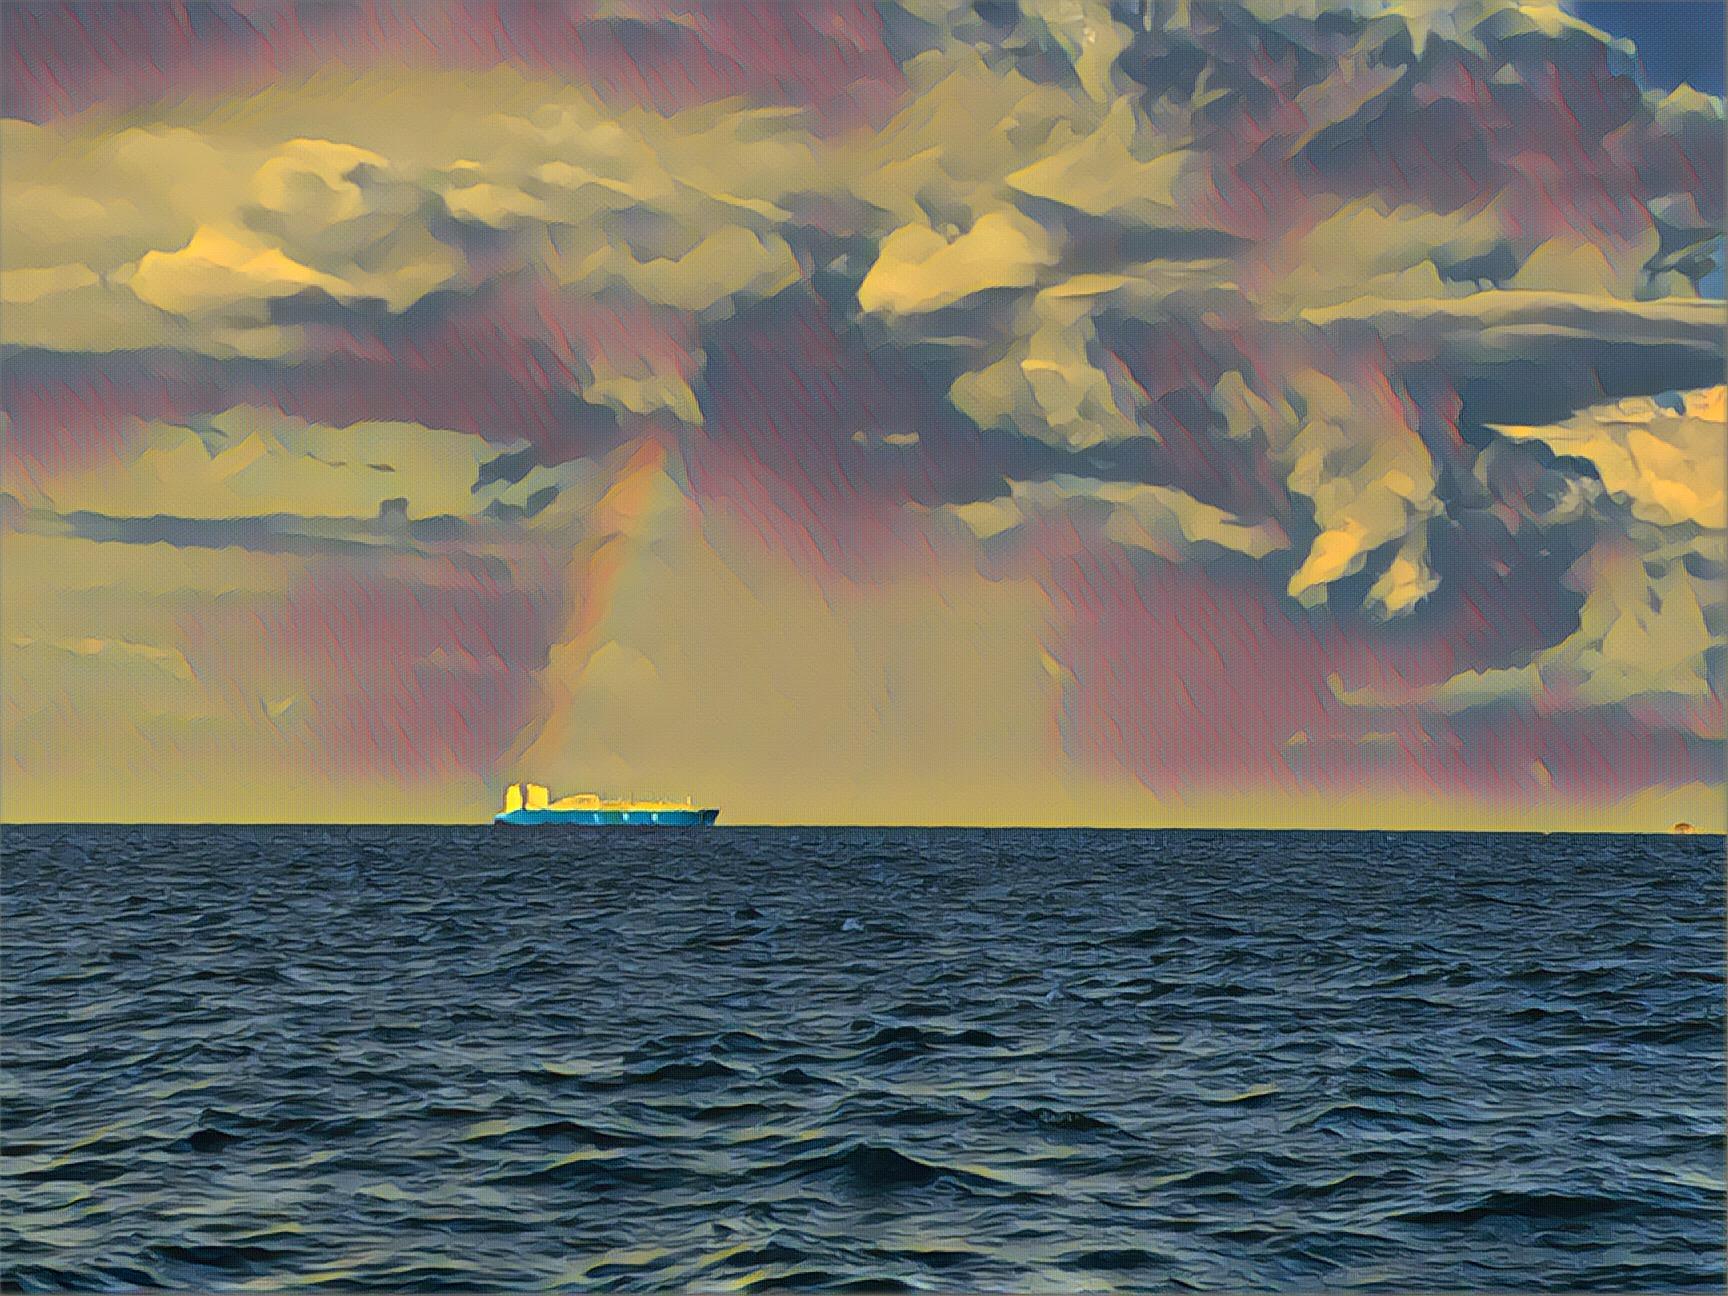 Rainbow on a ship